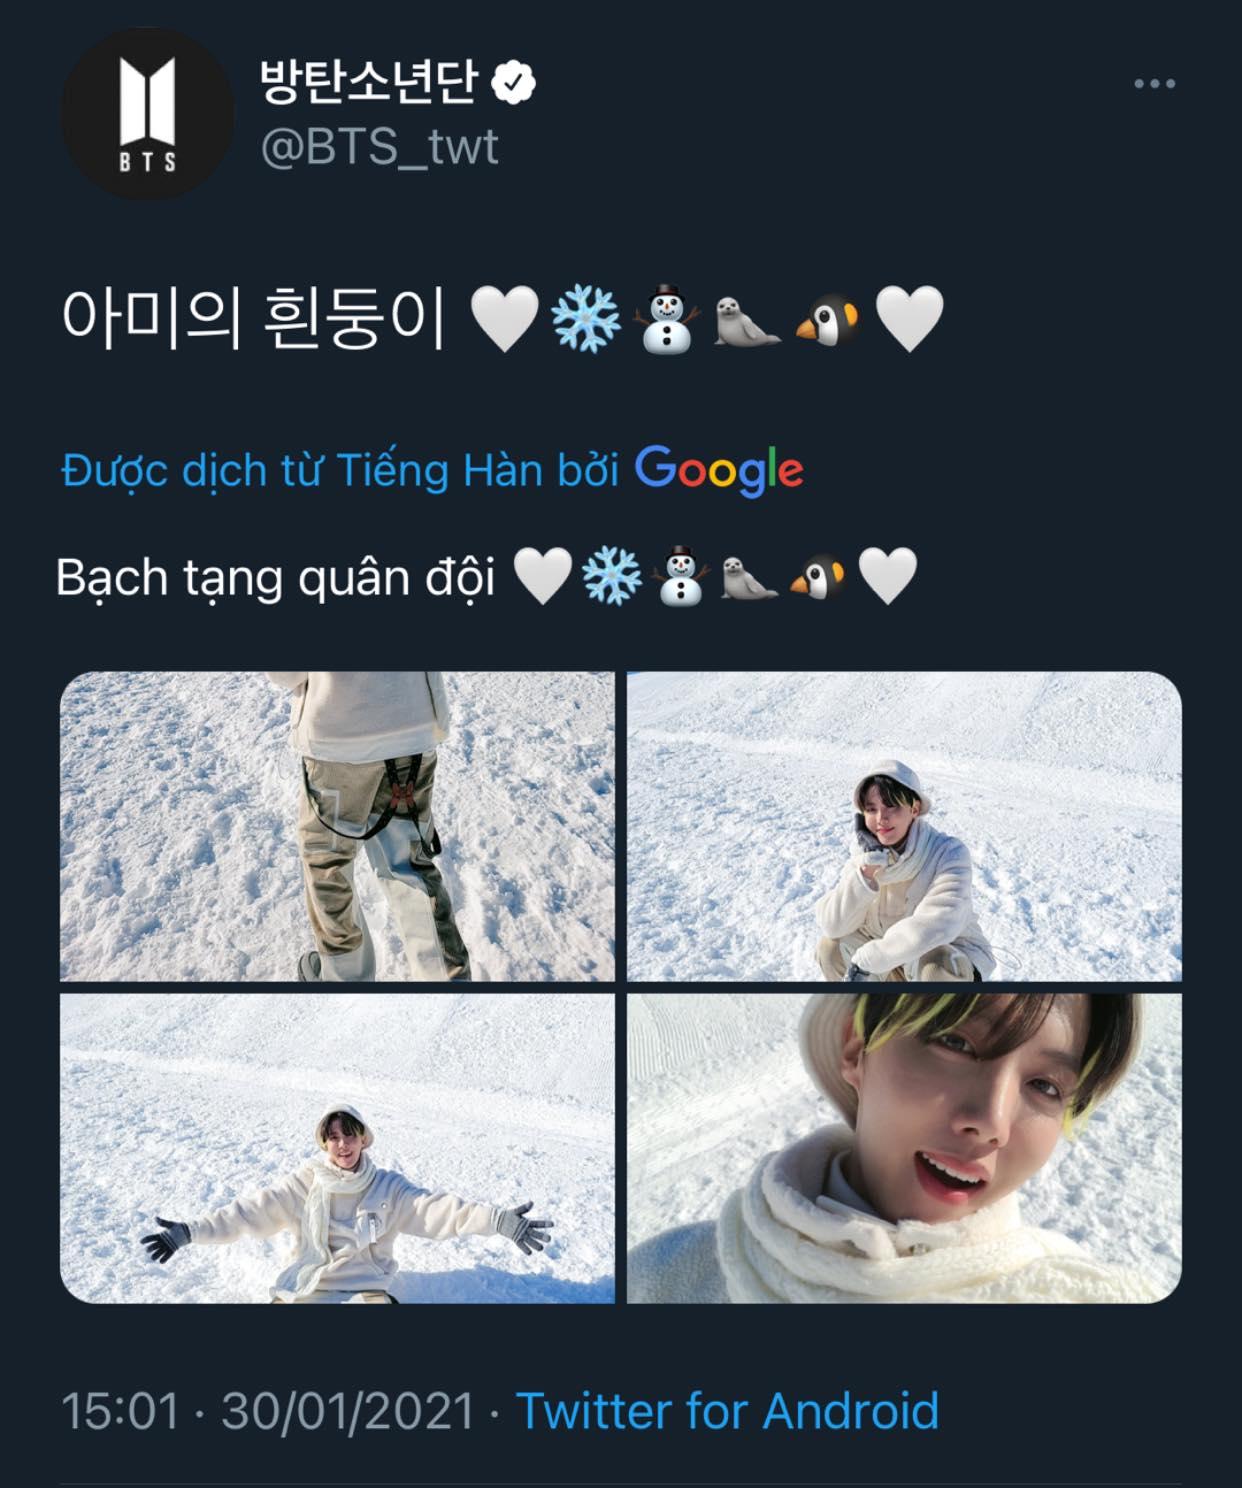 J-Hope viết caption ảnh cực kỳ đáng yêu